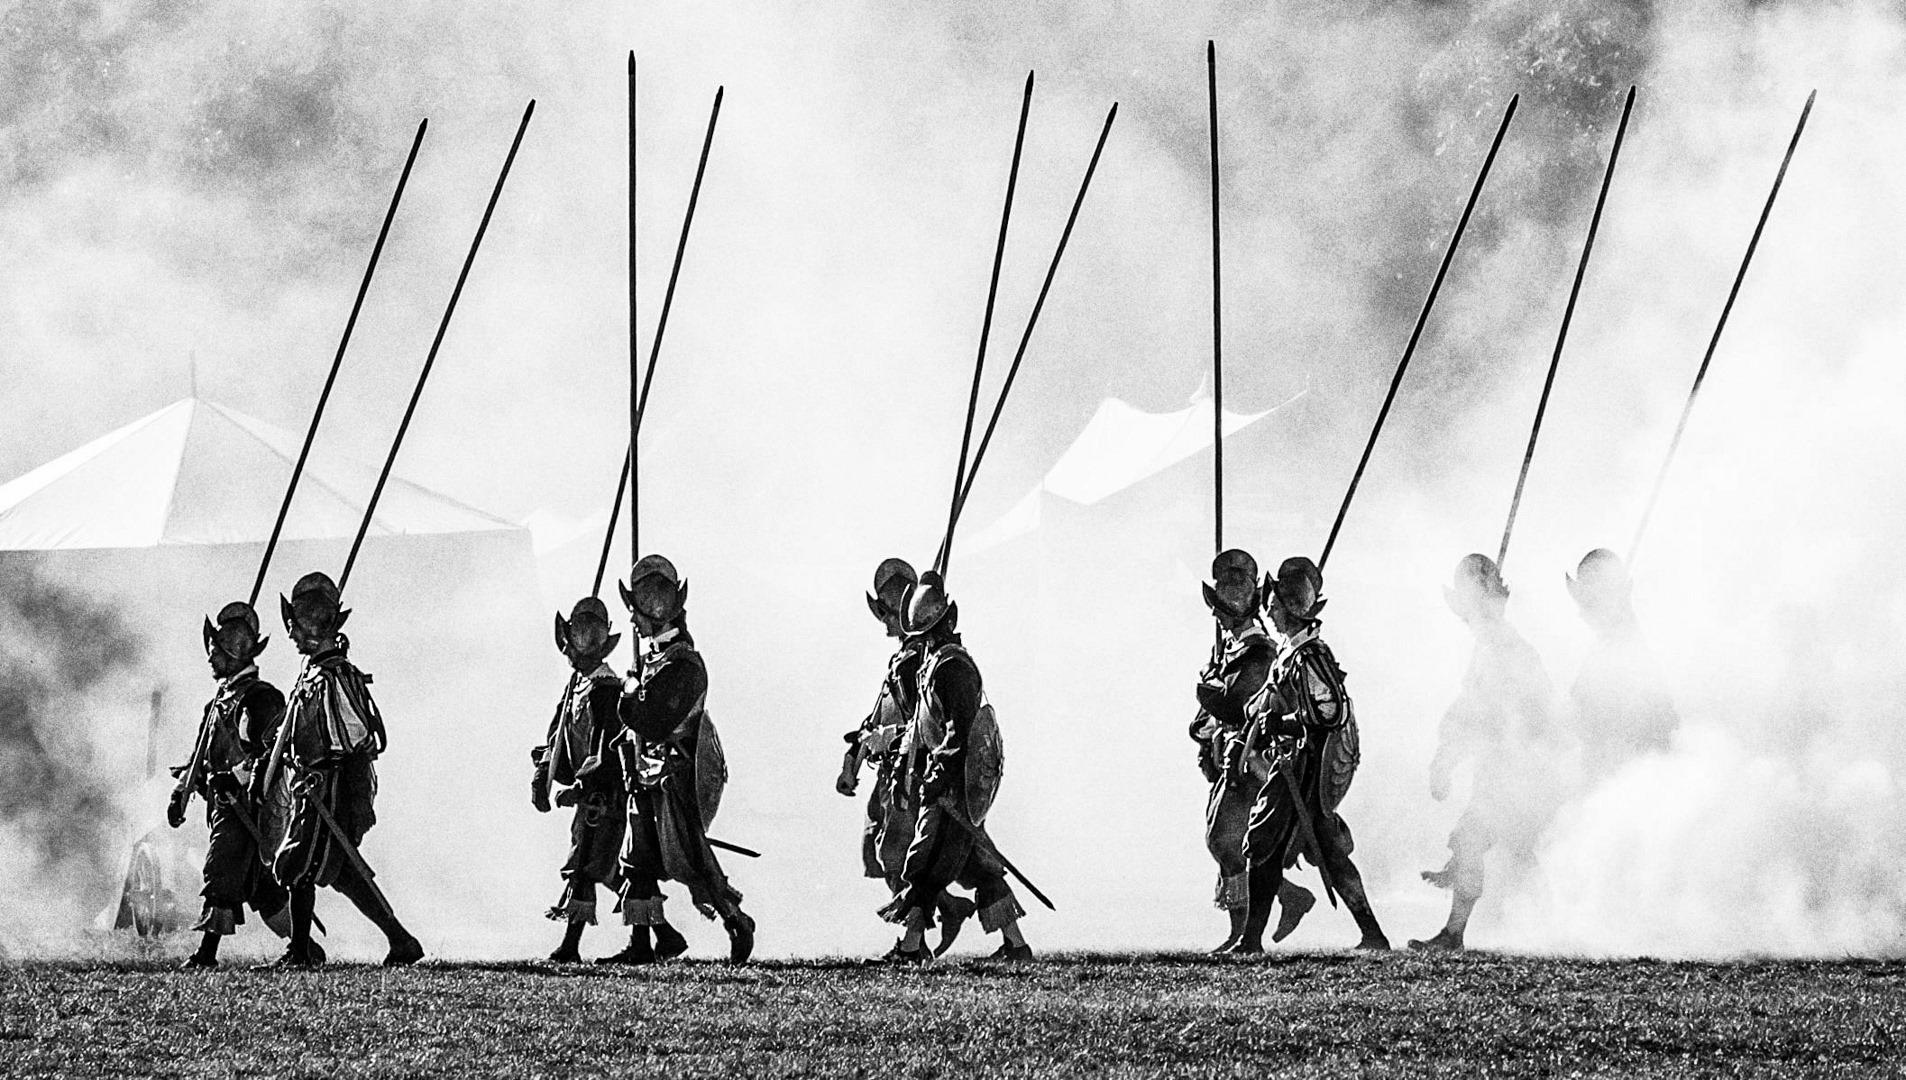 Slavnostní průvod vojsk Prahou v předvečer bitvy na Bílé hoře